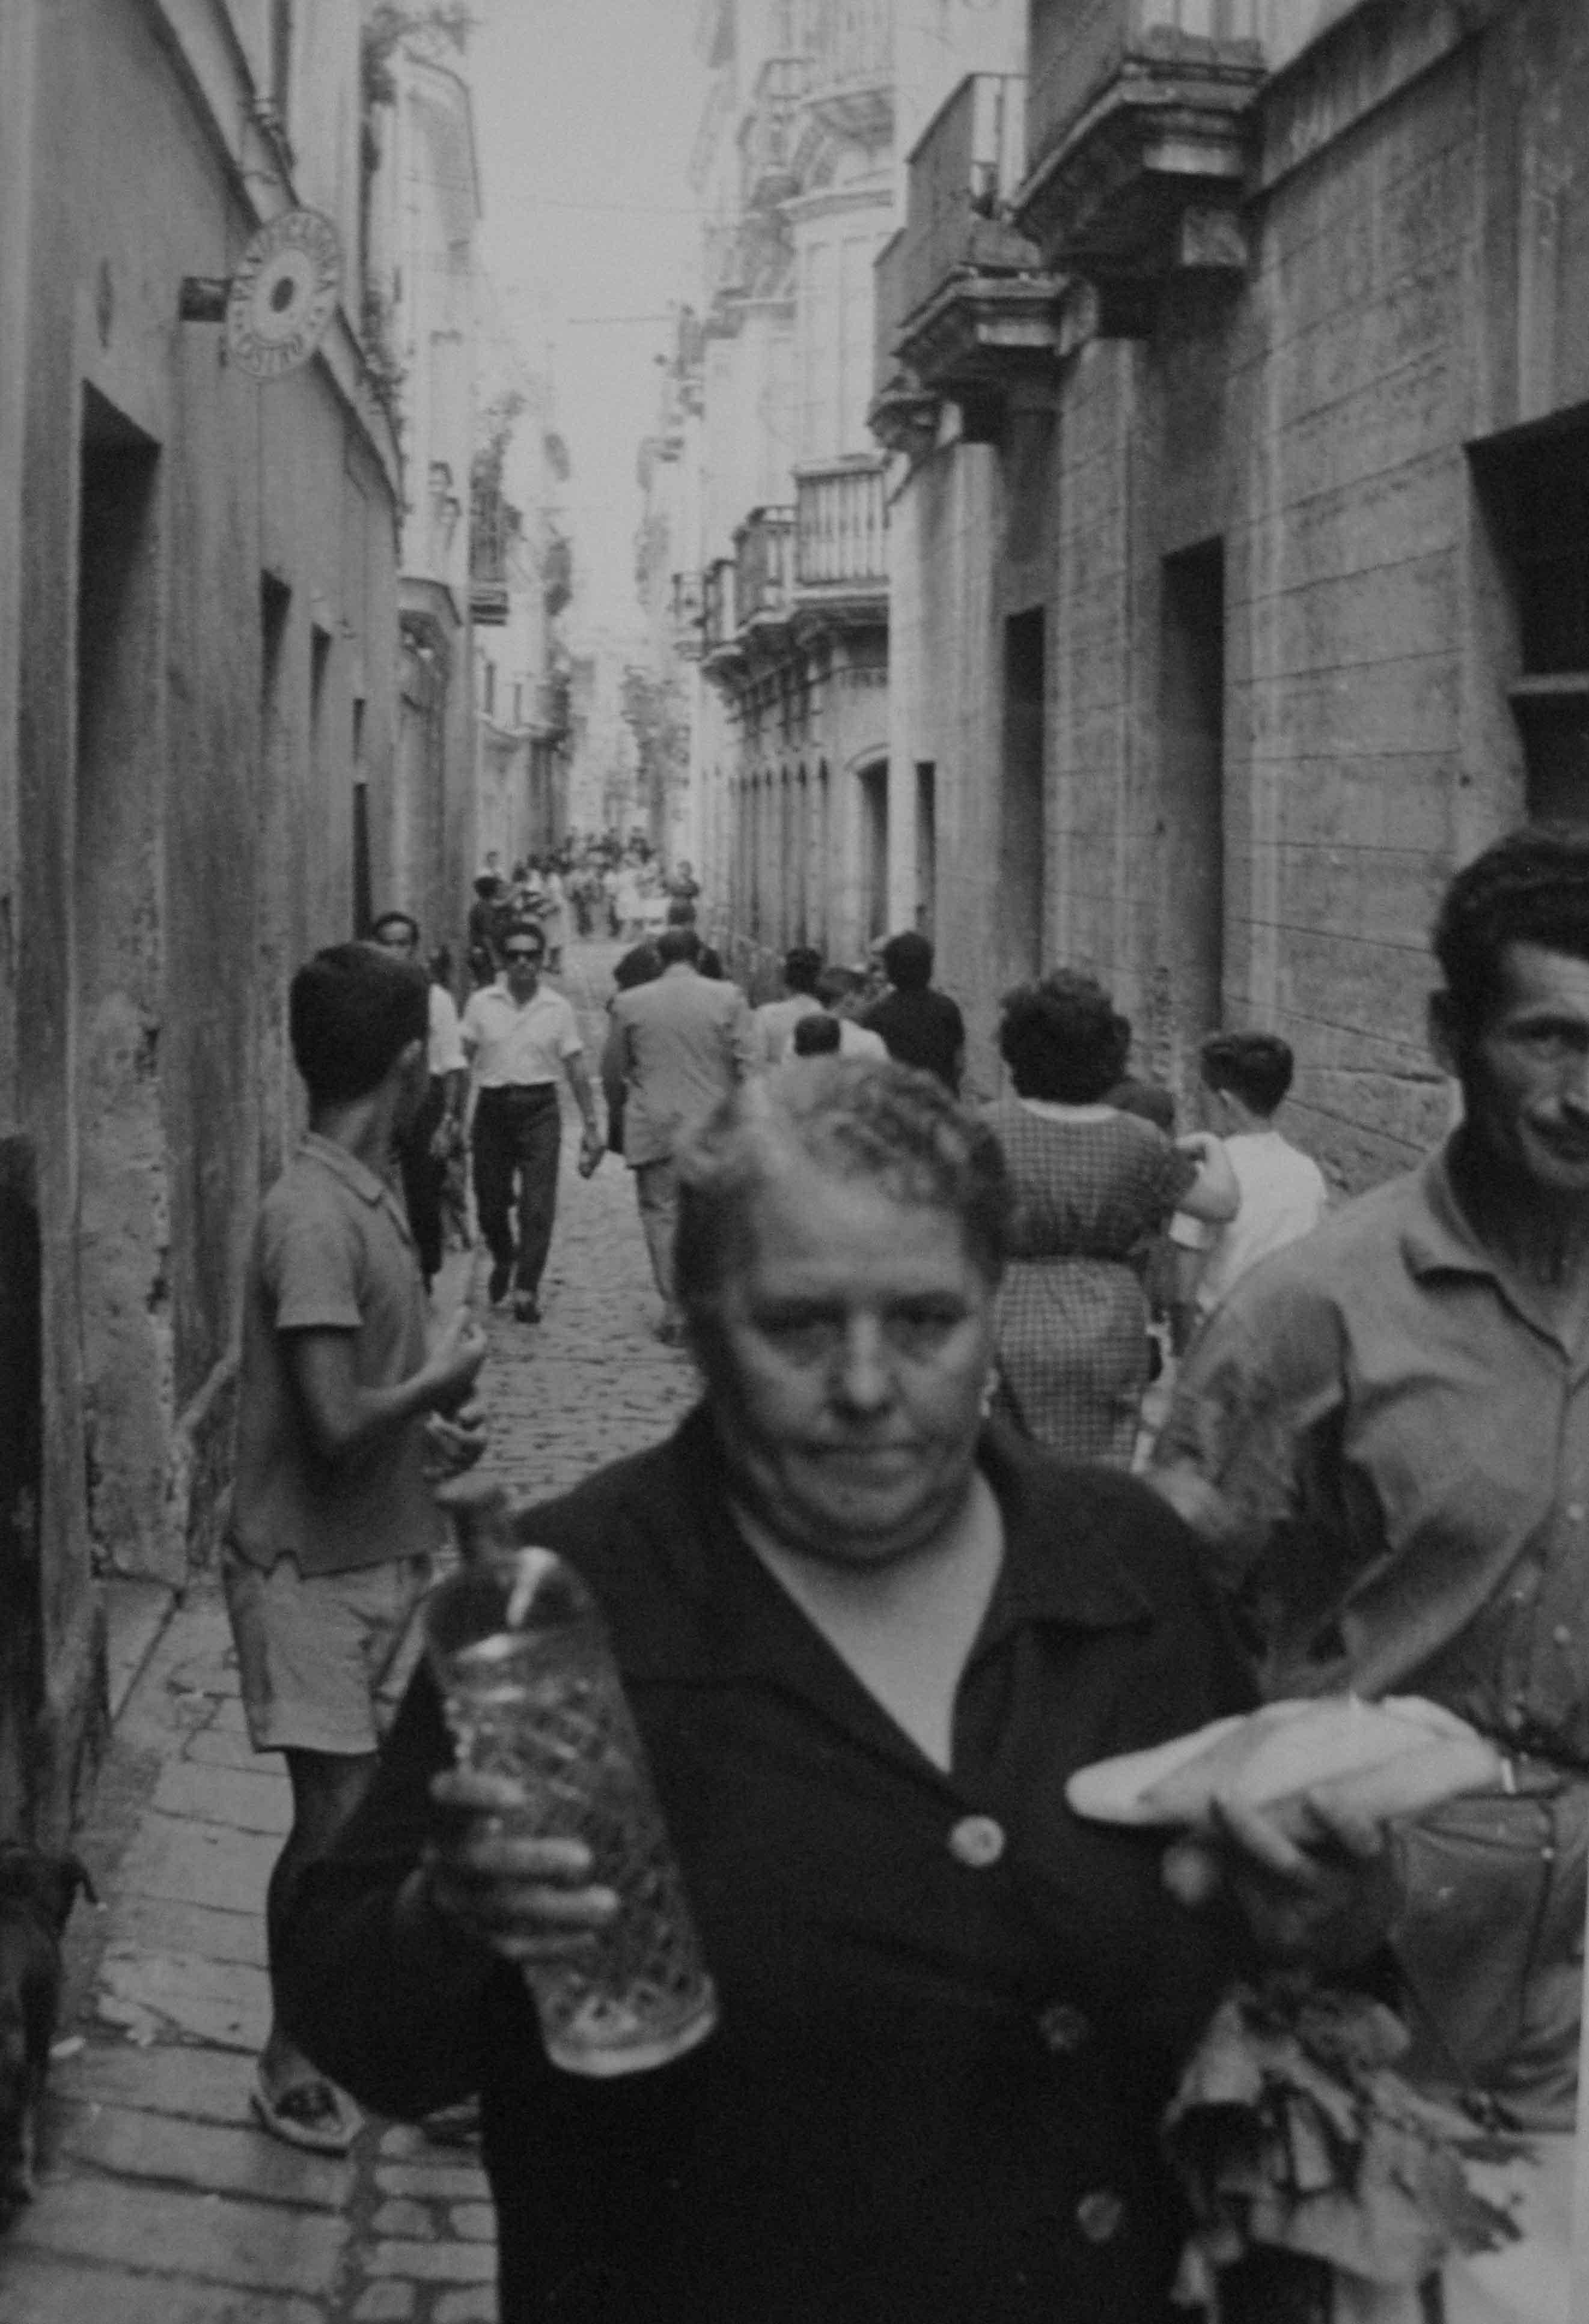 Barrio de Santa María. Cádiz<br/>Gelatina de plata / Silver gelatin